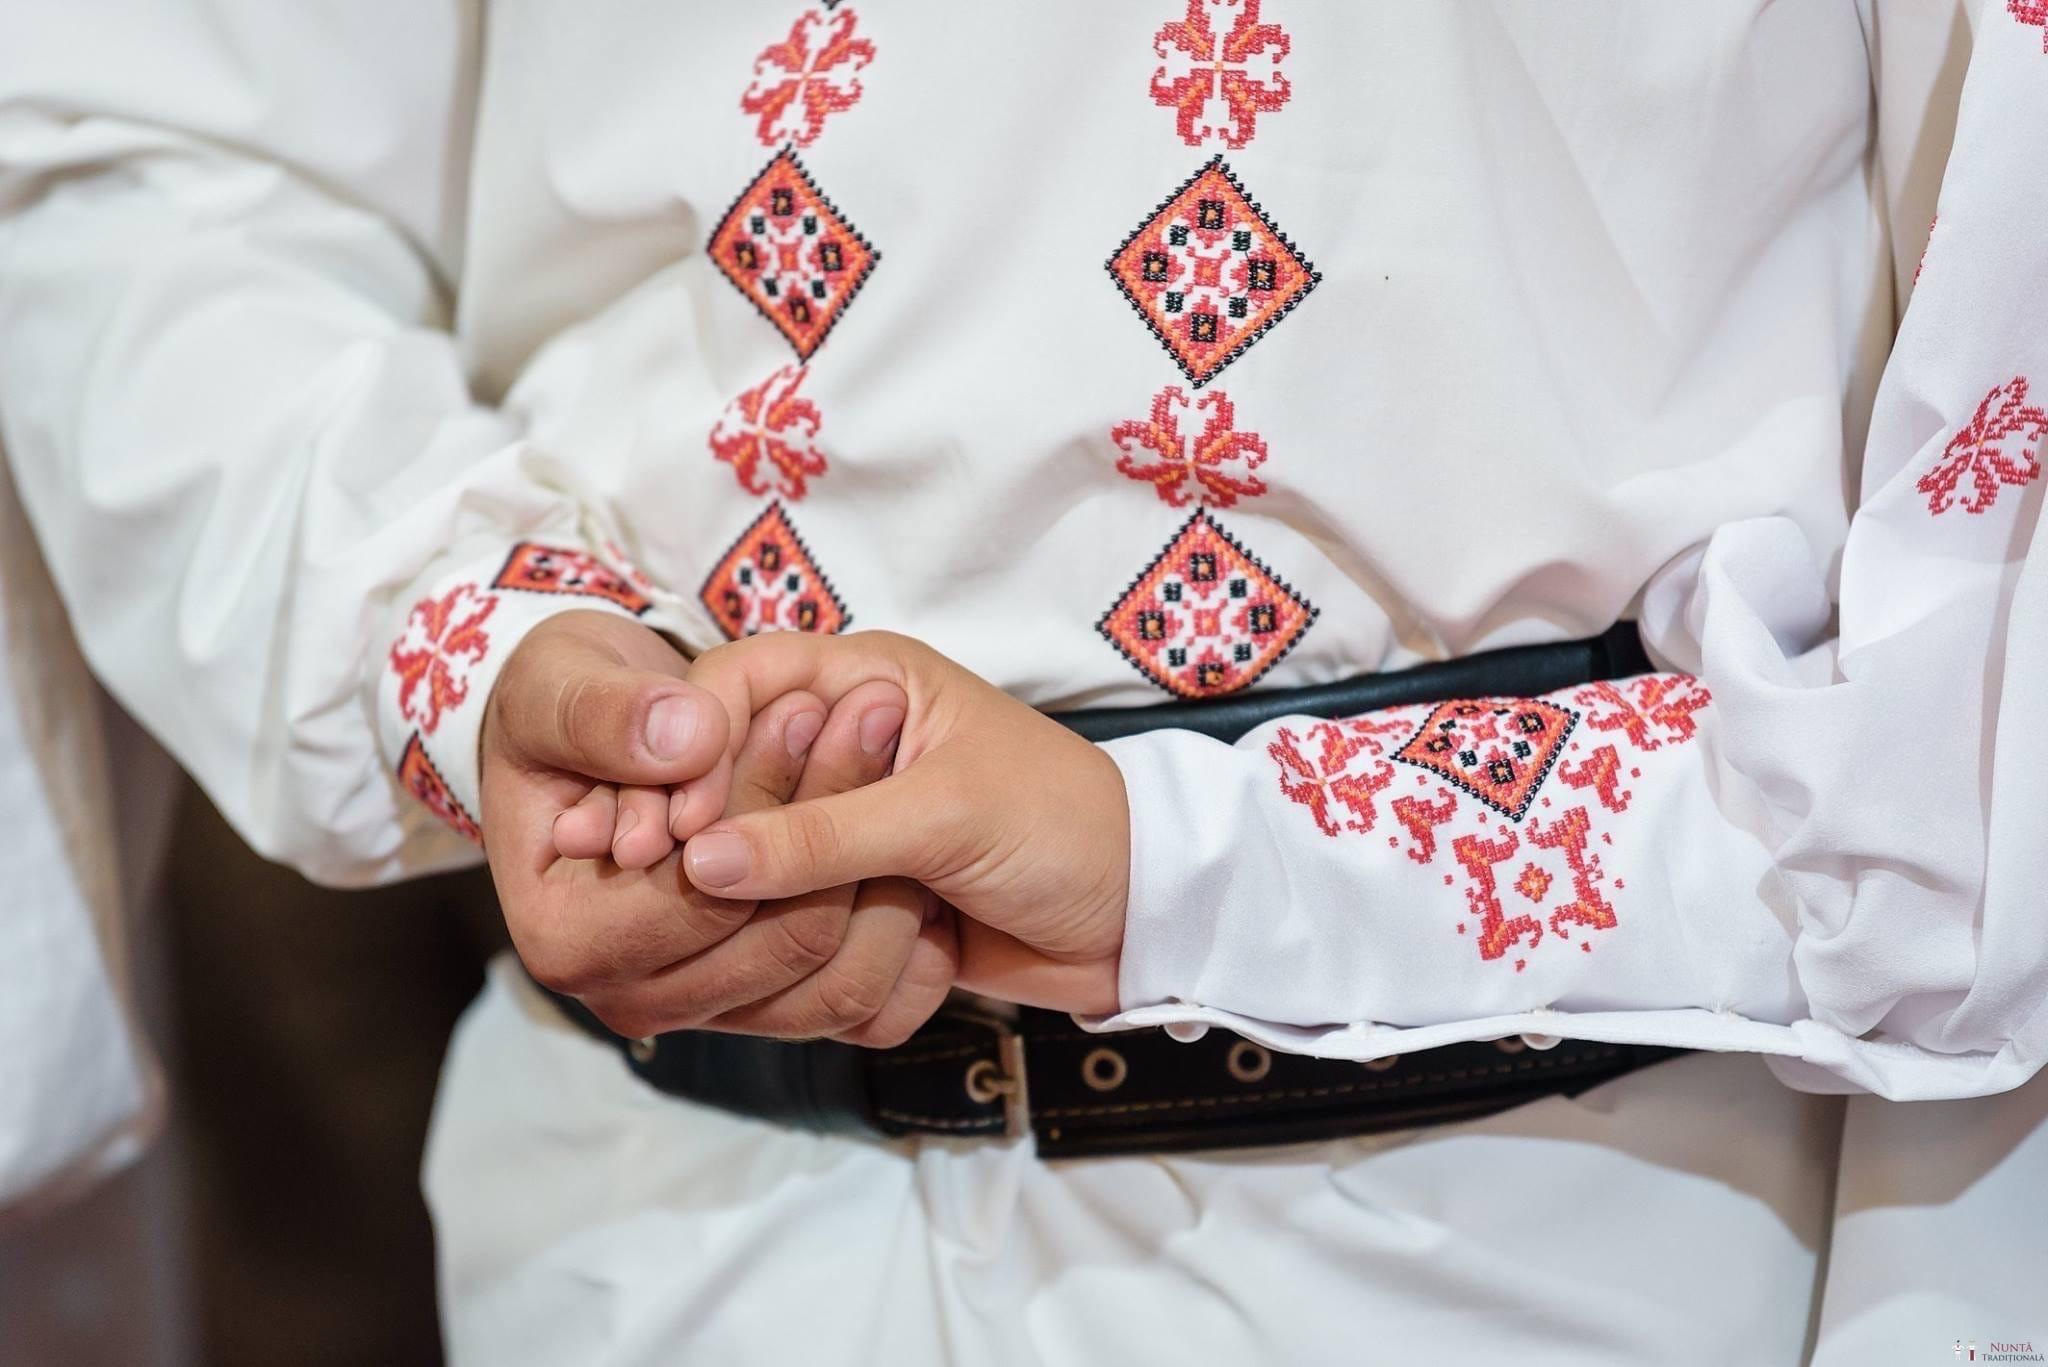 Povești Nunți Tradiționale - Daniela și Cristian, nuntă tradițională în Slobozia, Giurgiu 25